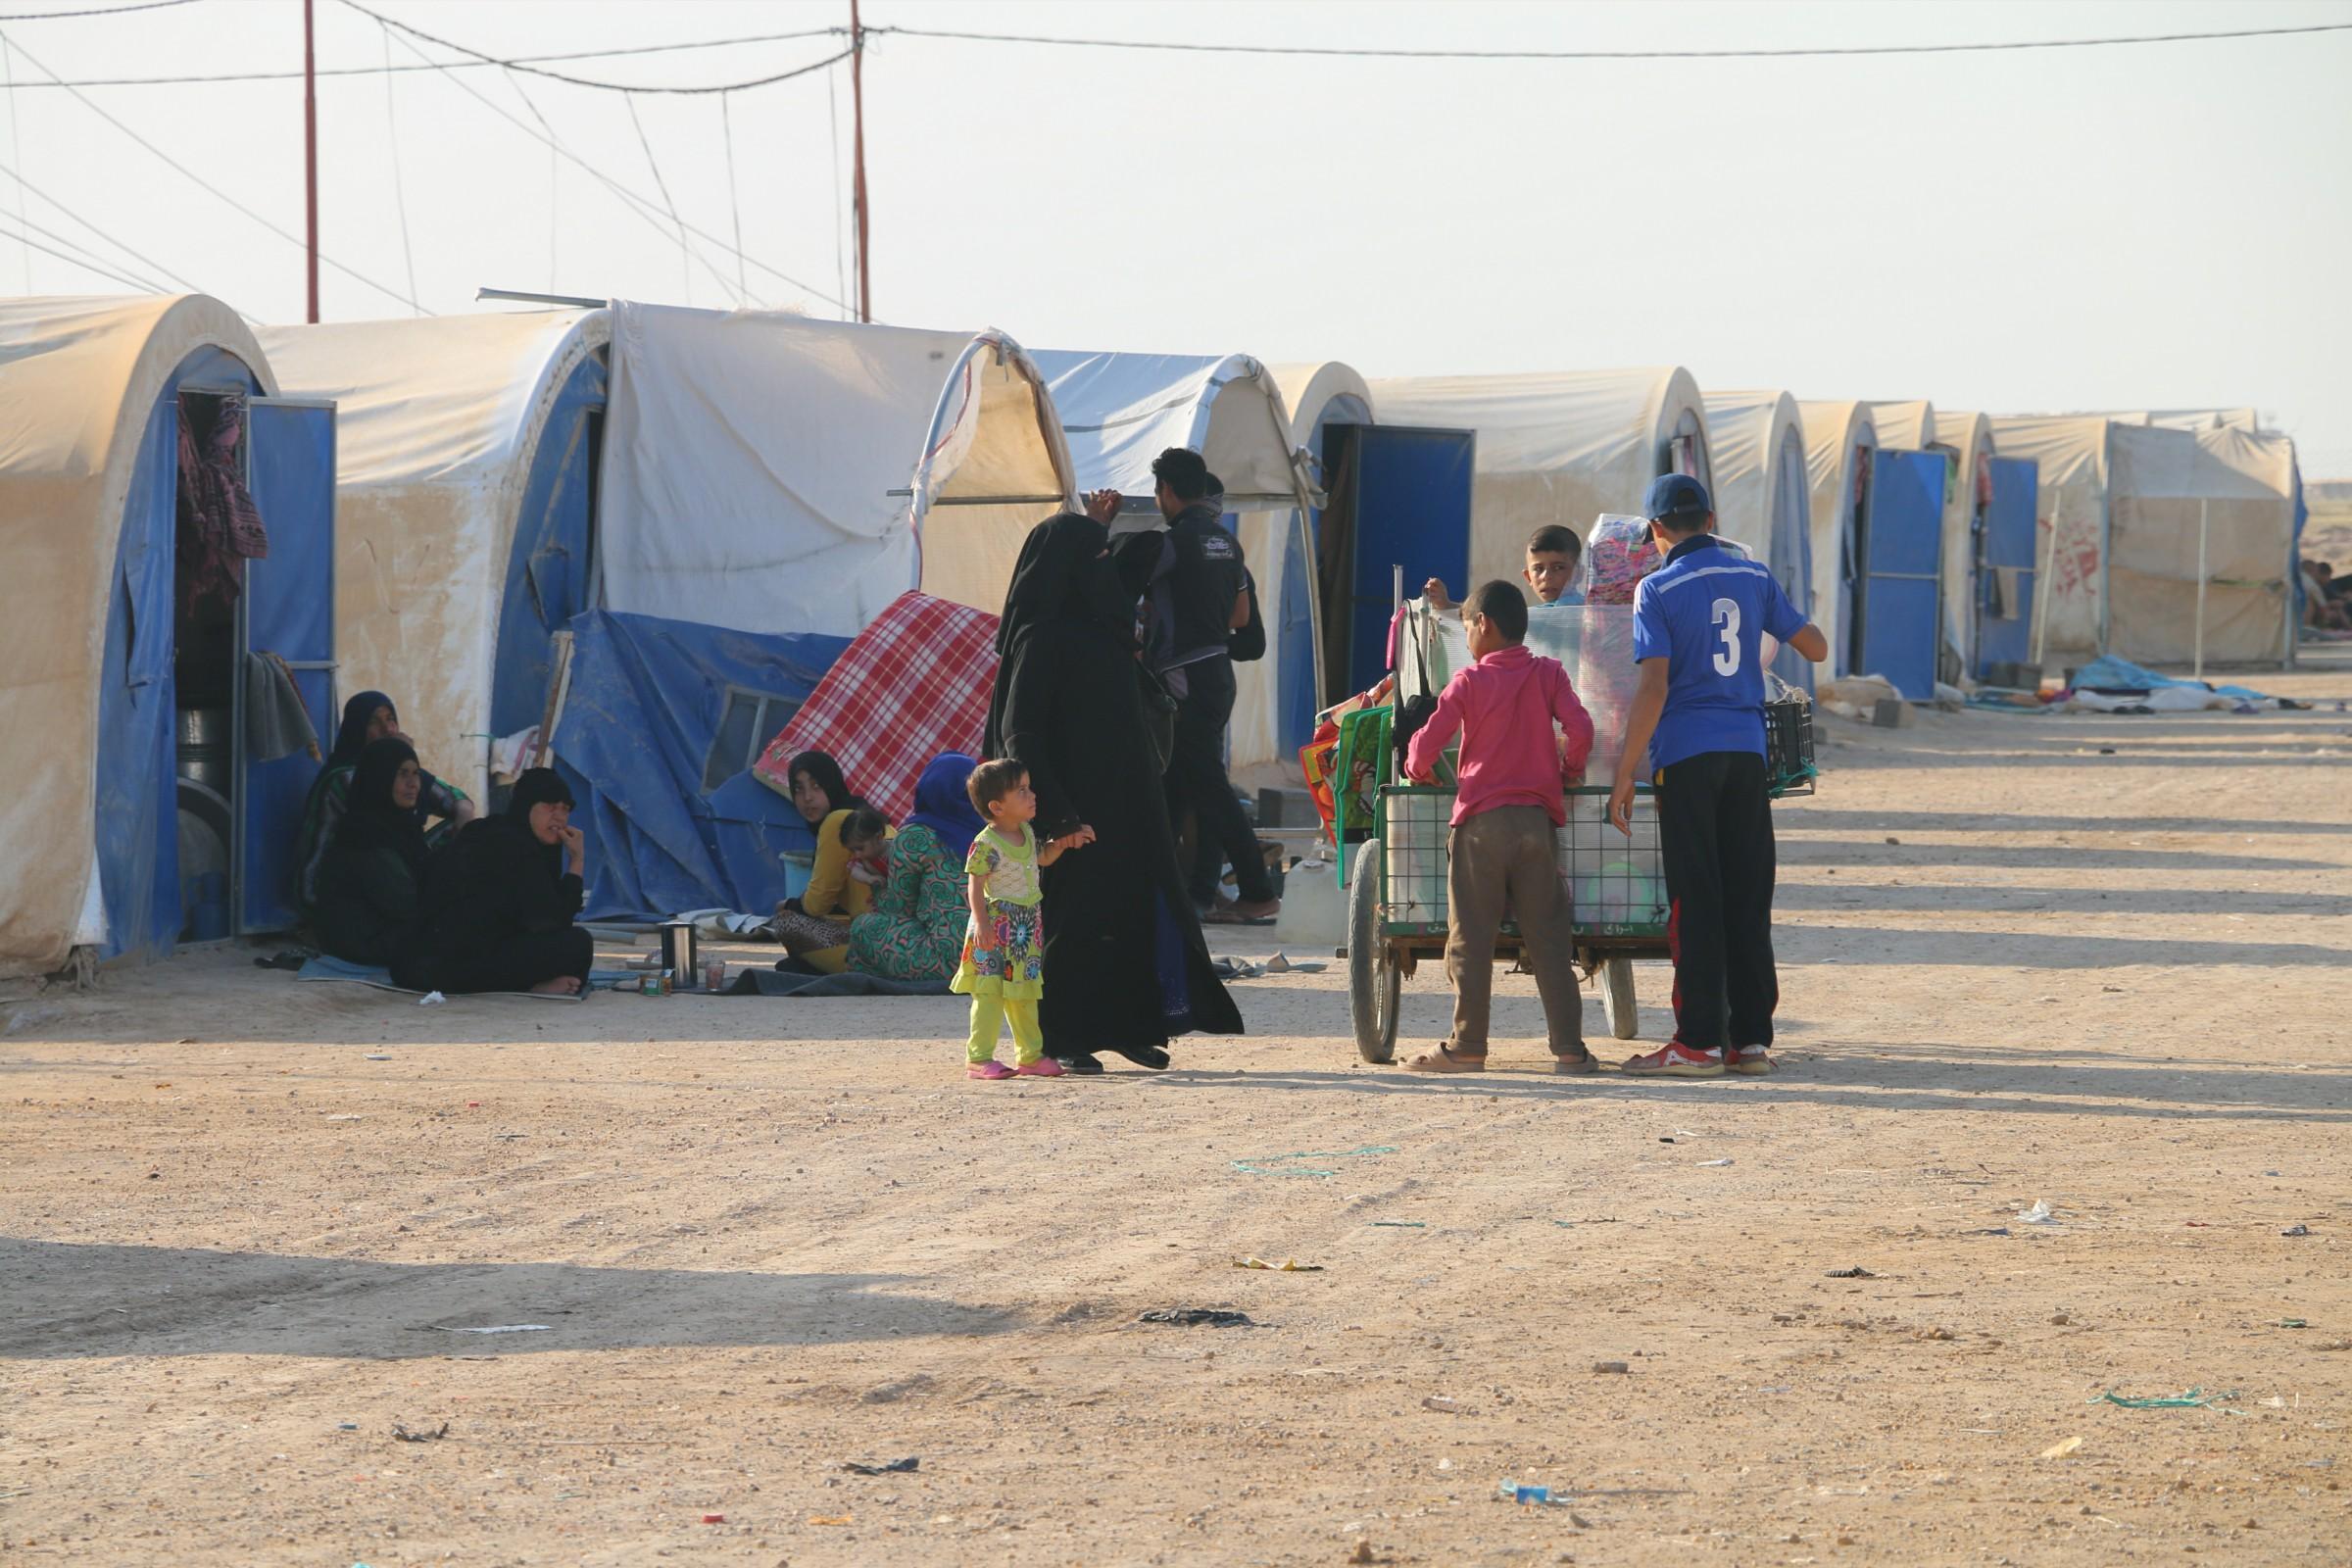 هجرة الأنبار تعلن إعادة 54 أسرة نازحة إلى الموصل وصلاح الدين